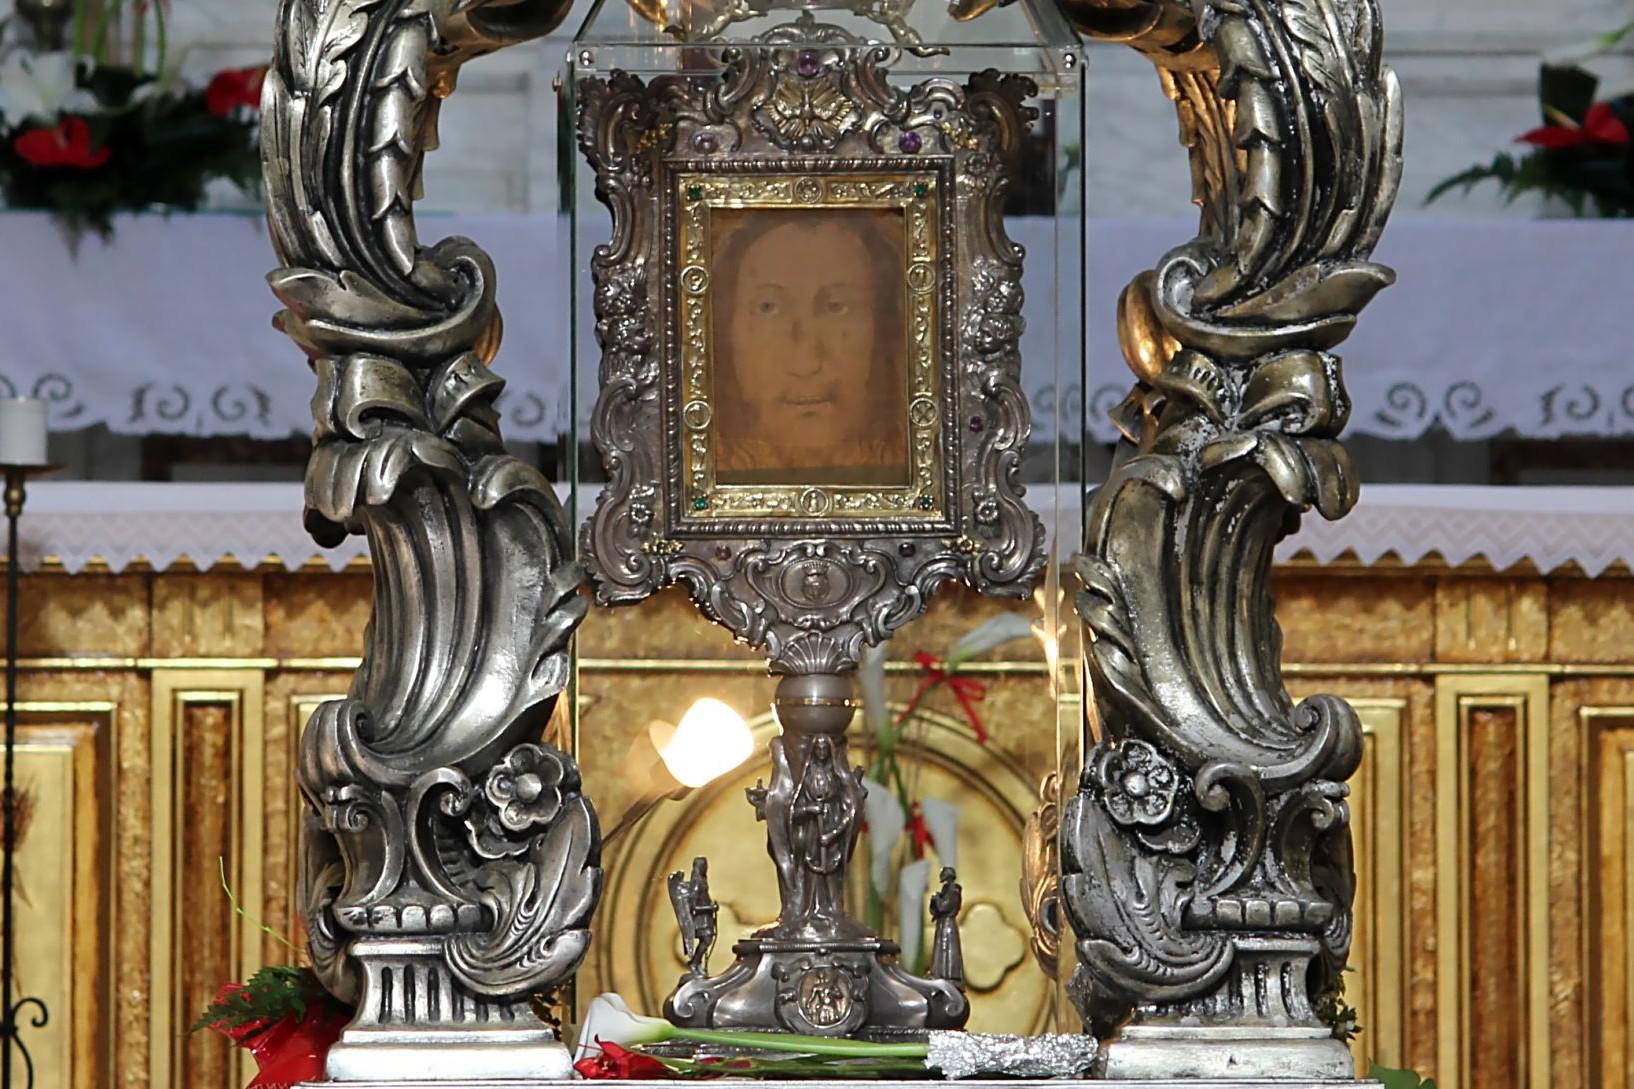 La Santa Faz de Manoppello es el Velo de la Verónica [que secó la cara de Jesús]